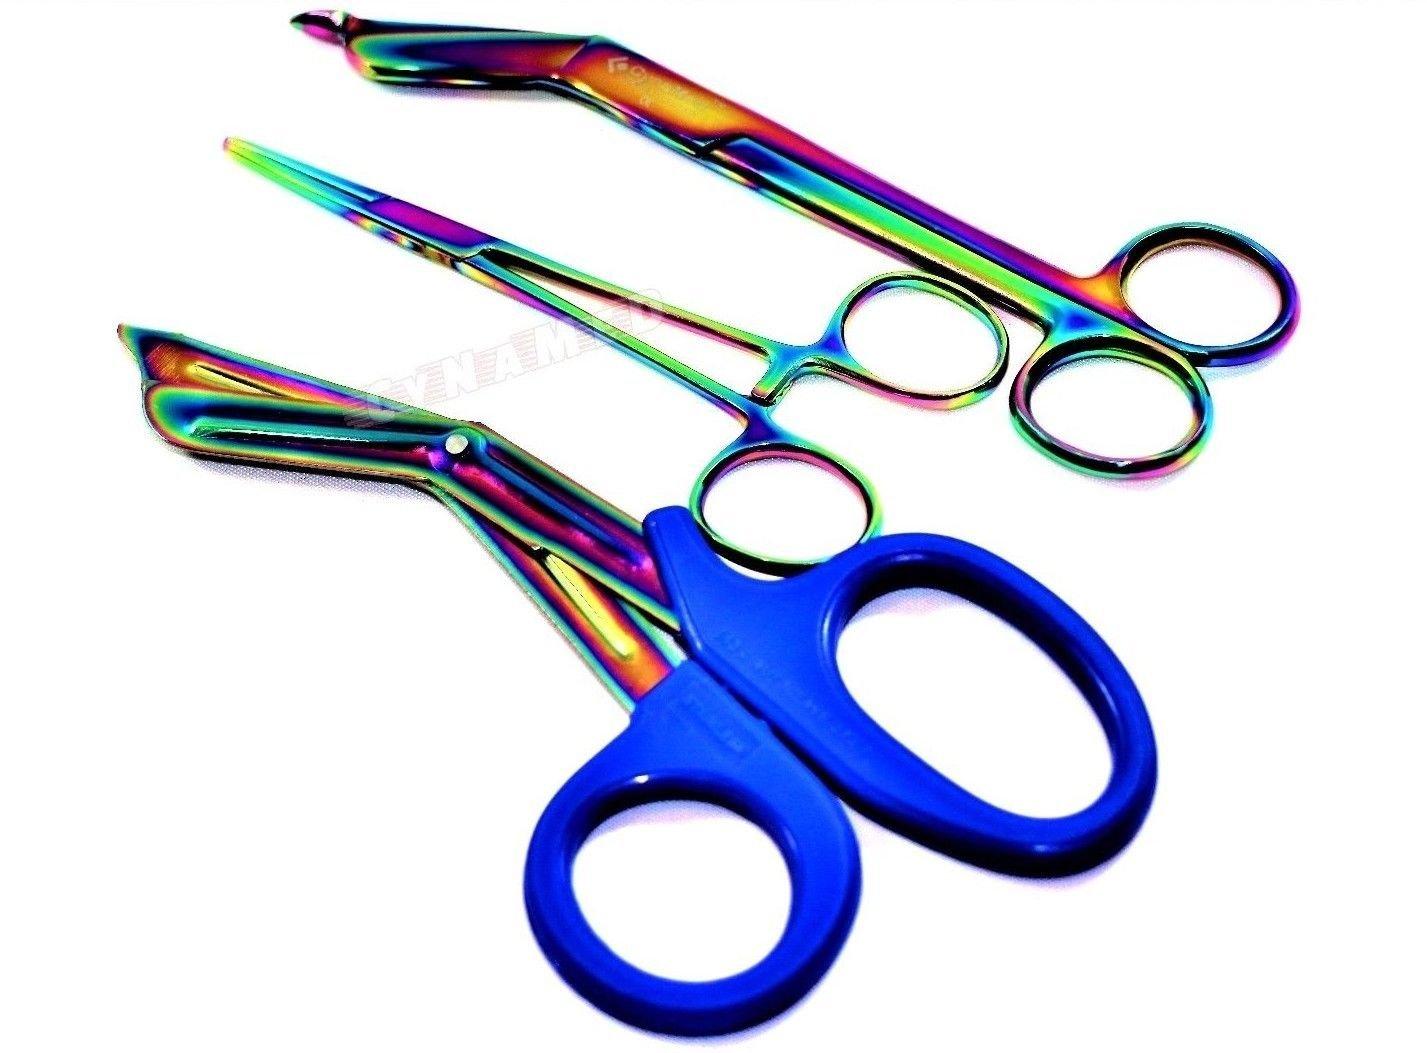 Premium SALENEW very popular Multi Titanium Lister Bandage St Plus inch 7.25 Regular store Scissors